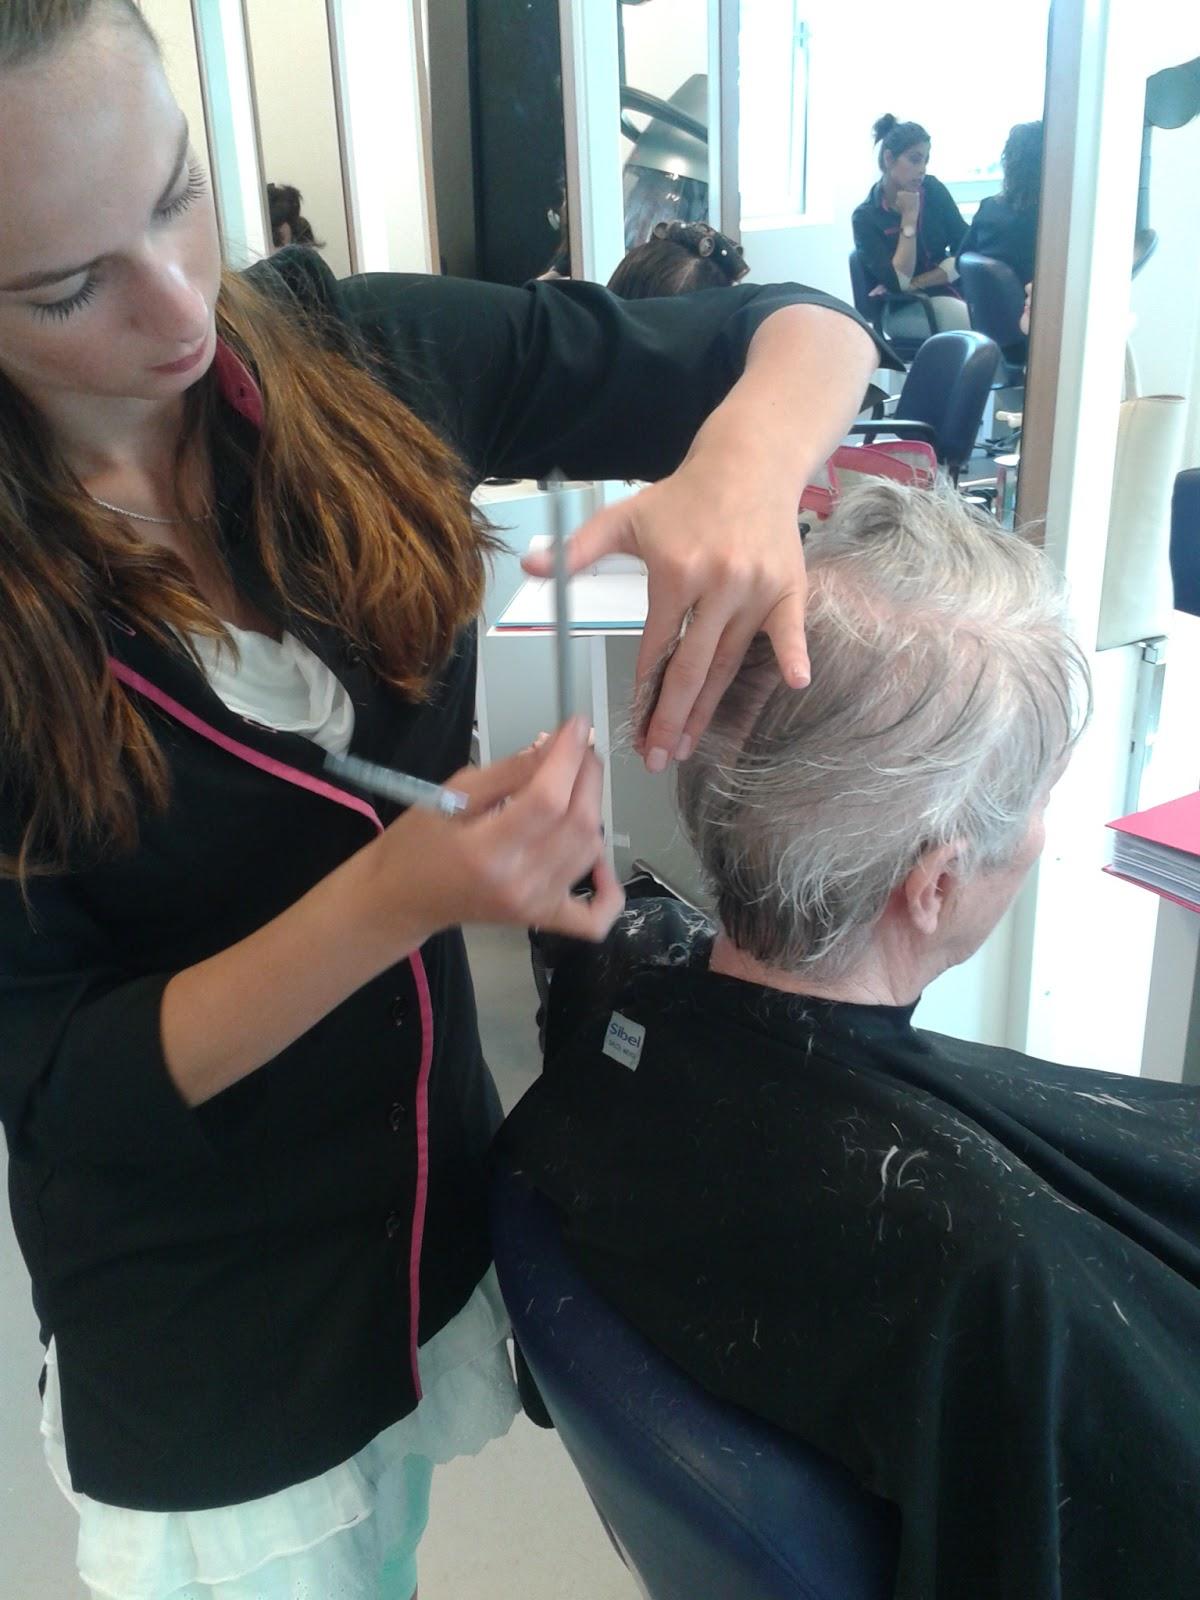 My life as a hairdresser model knippen en föhnen # Wasbak Haren_193205